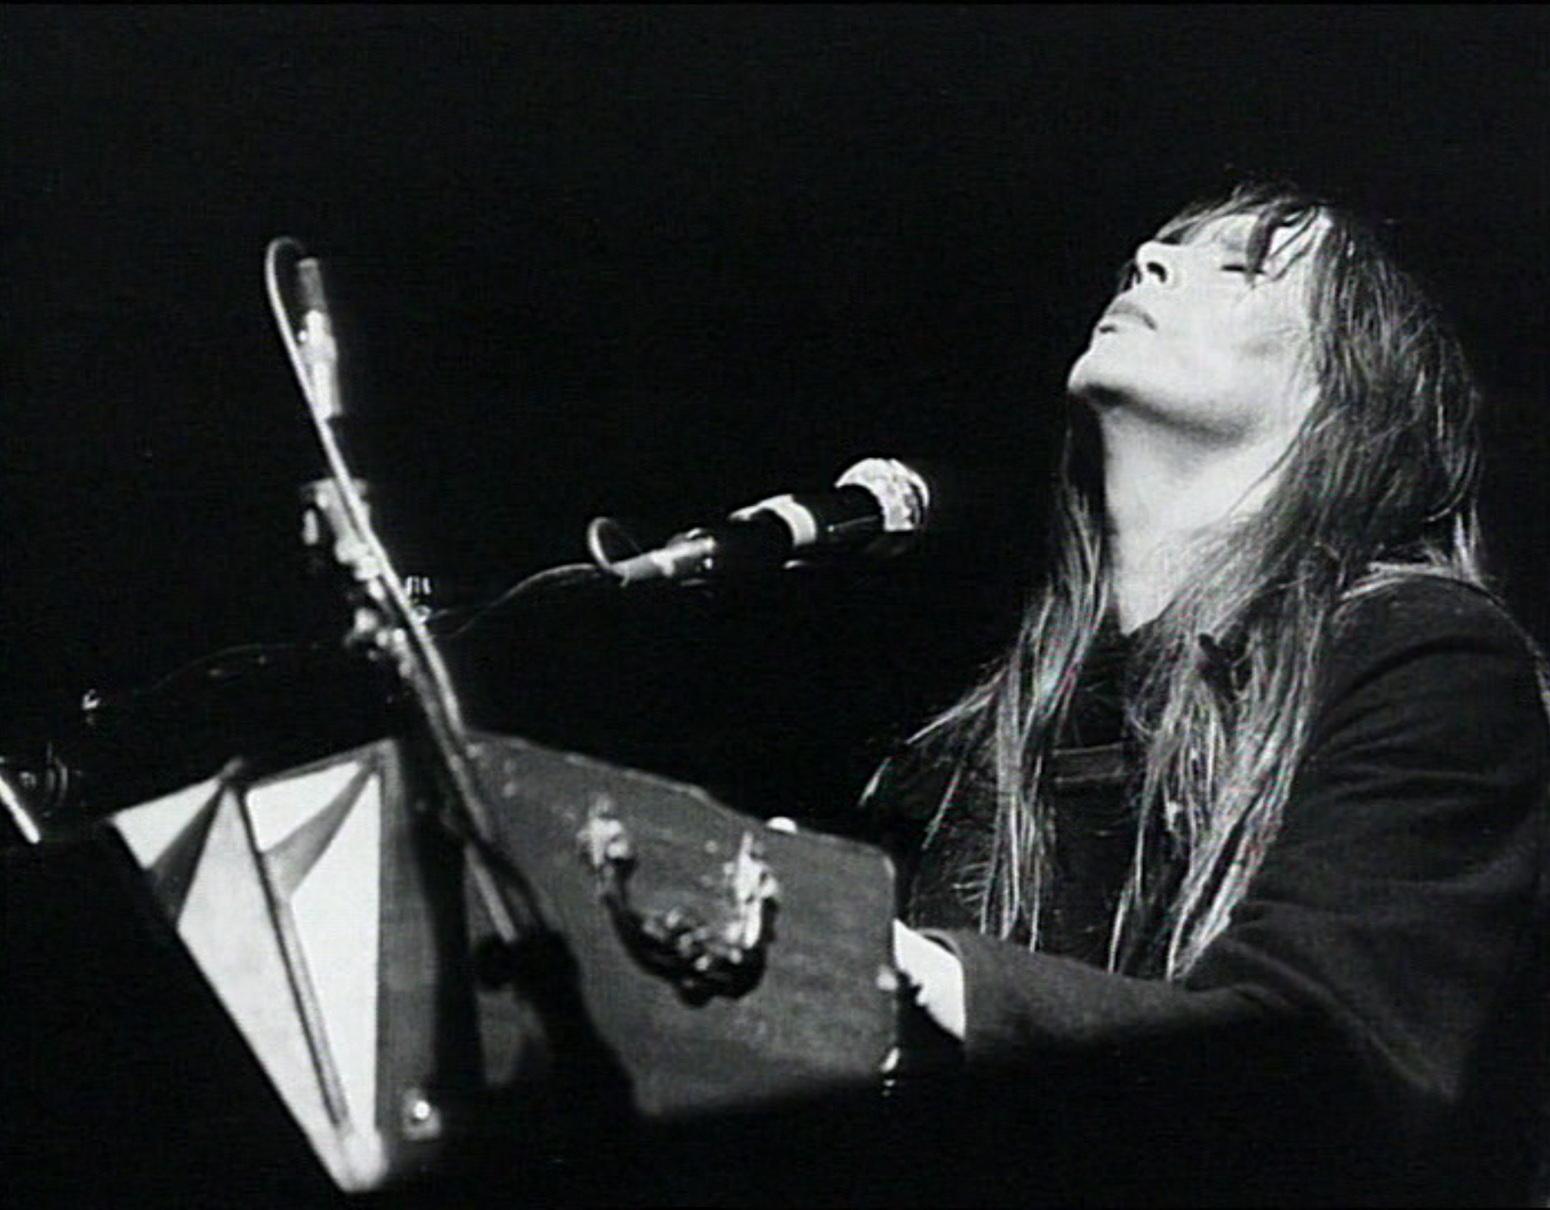 Nico Icon - Life on Stage - Regie Susanne Ofteringer - Kamera Judith Kaufmann